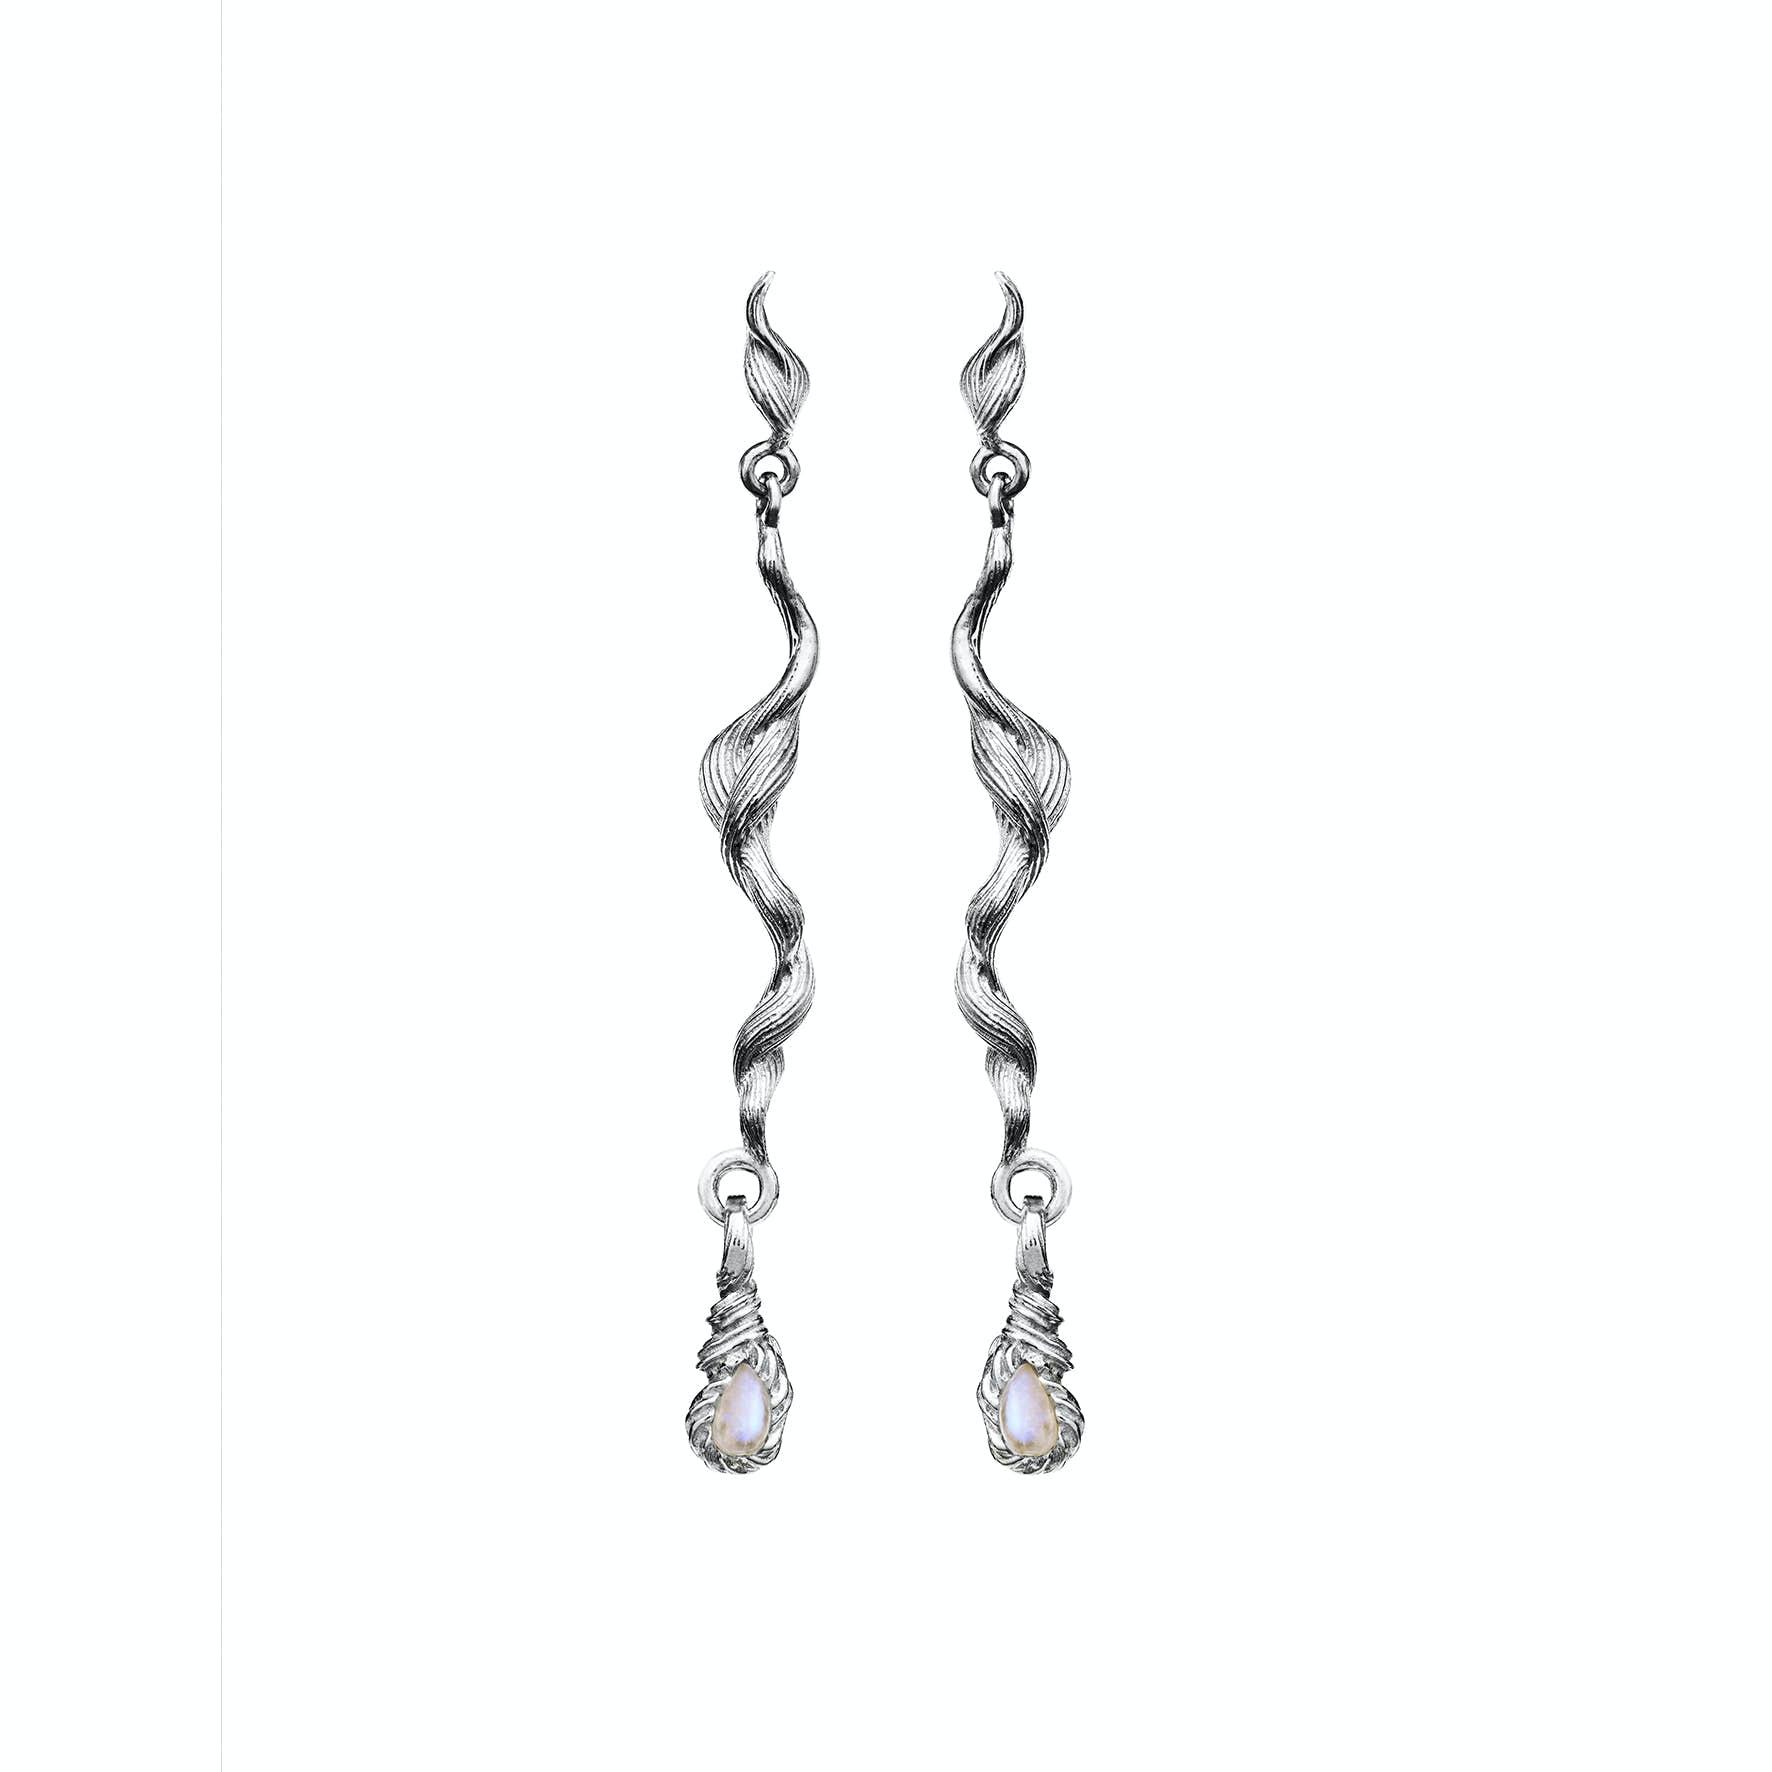 Aqua Earrings fra Maanesten i Sølv Sterling 925